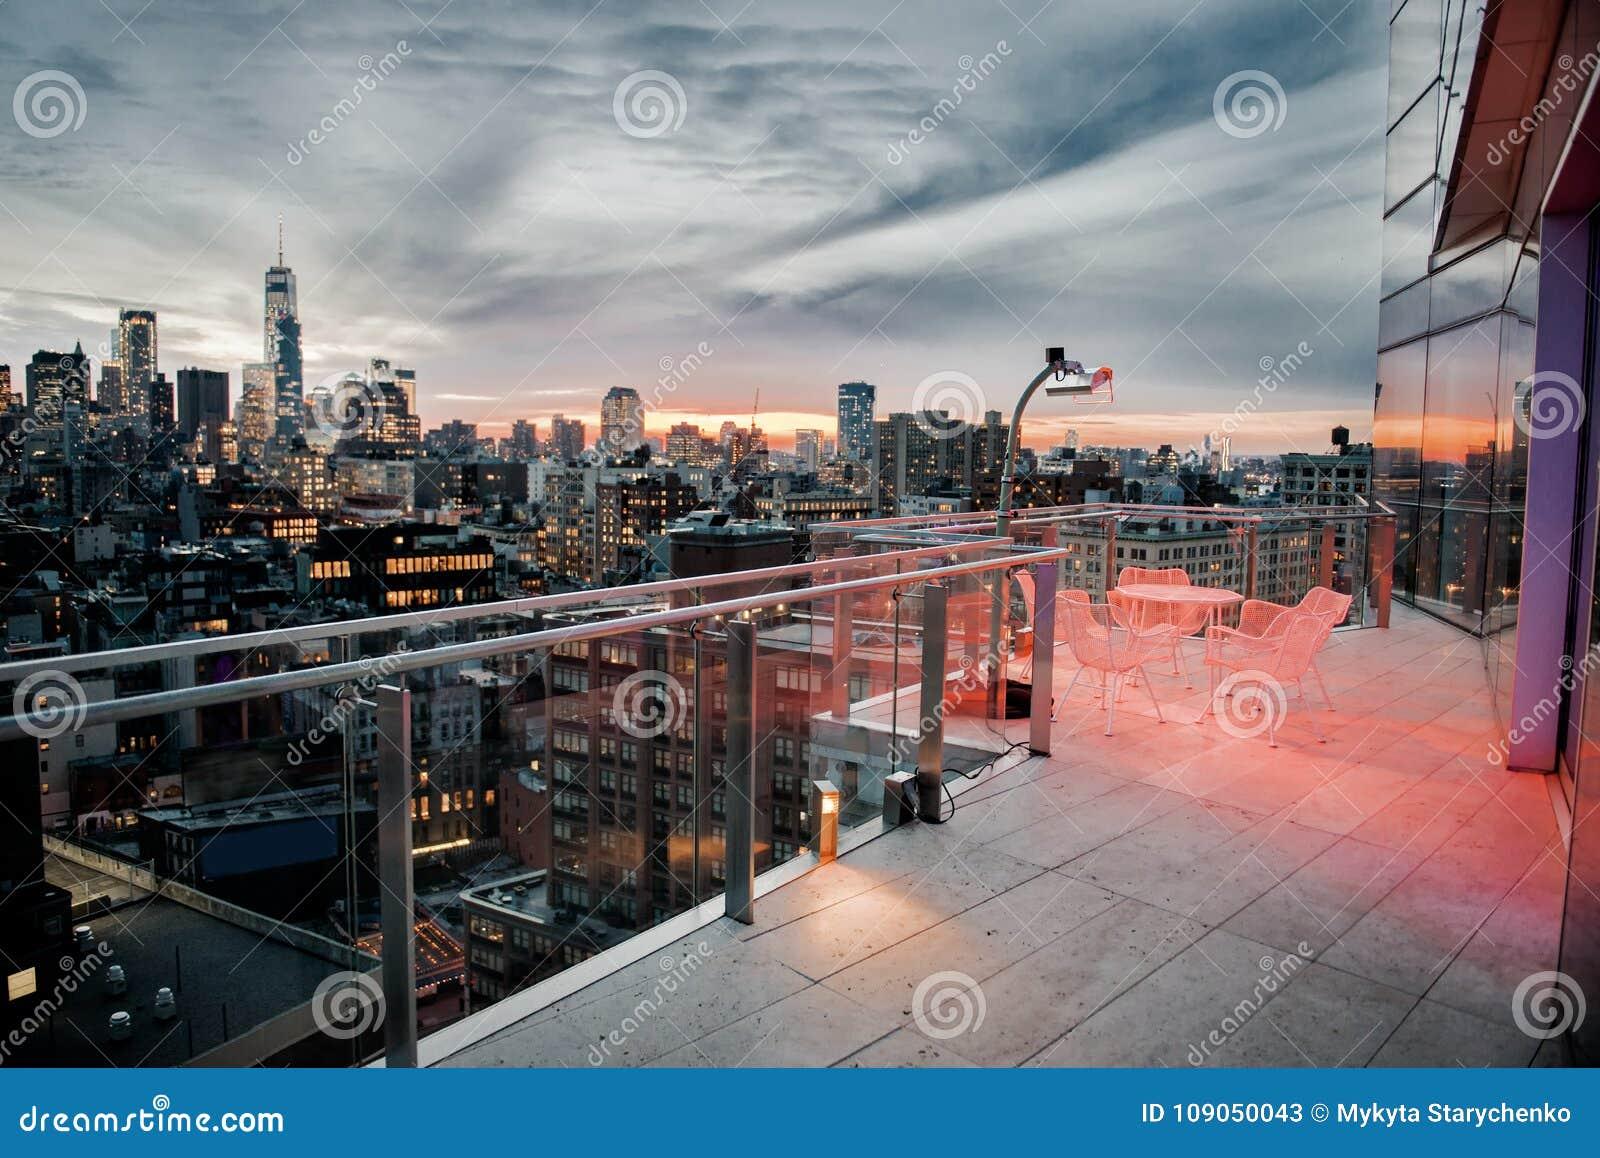 Μπαλκόνι στεγών πόλεων πολυτέλειας με την περιοχή κατάψυξης στην πόλη Μανχάταν της Νέας Υόρκης της περιφέρειας του κέντρου Έννοια